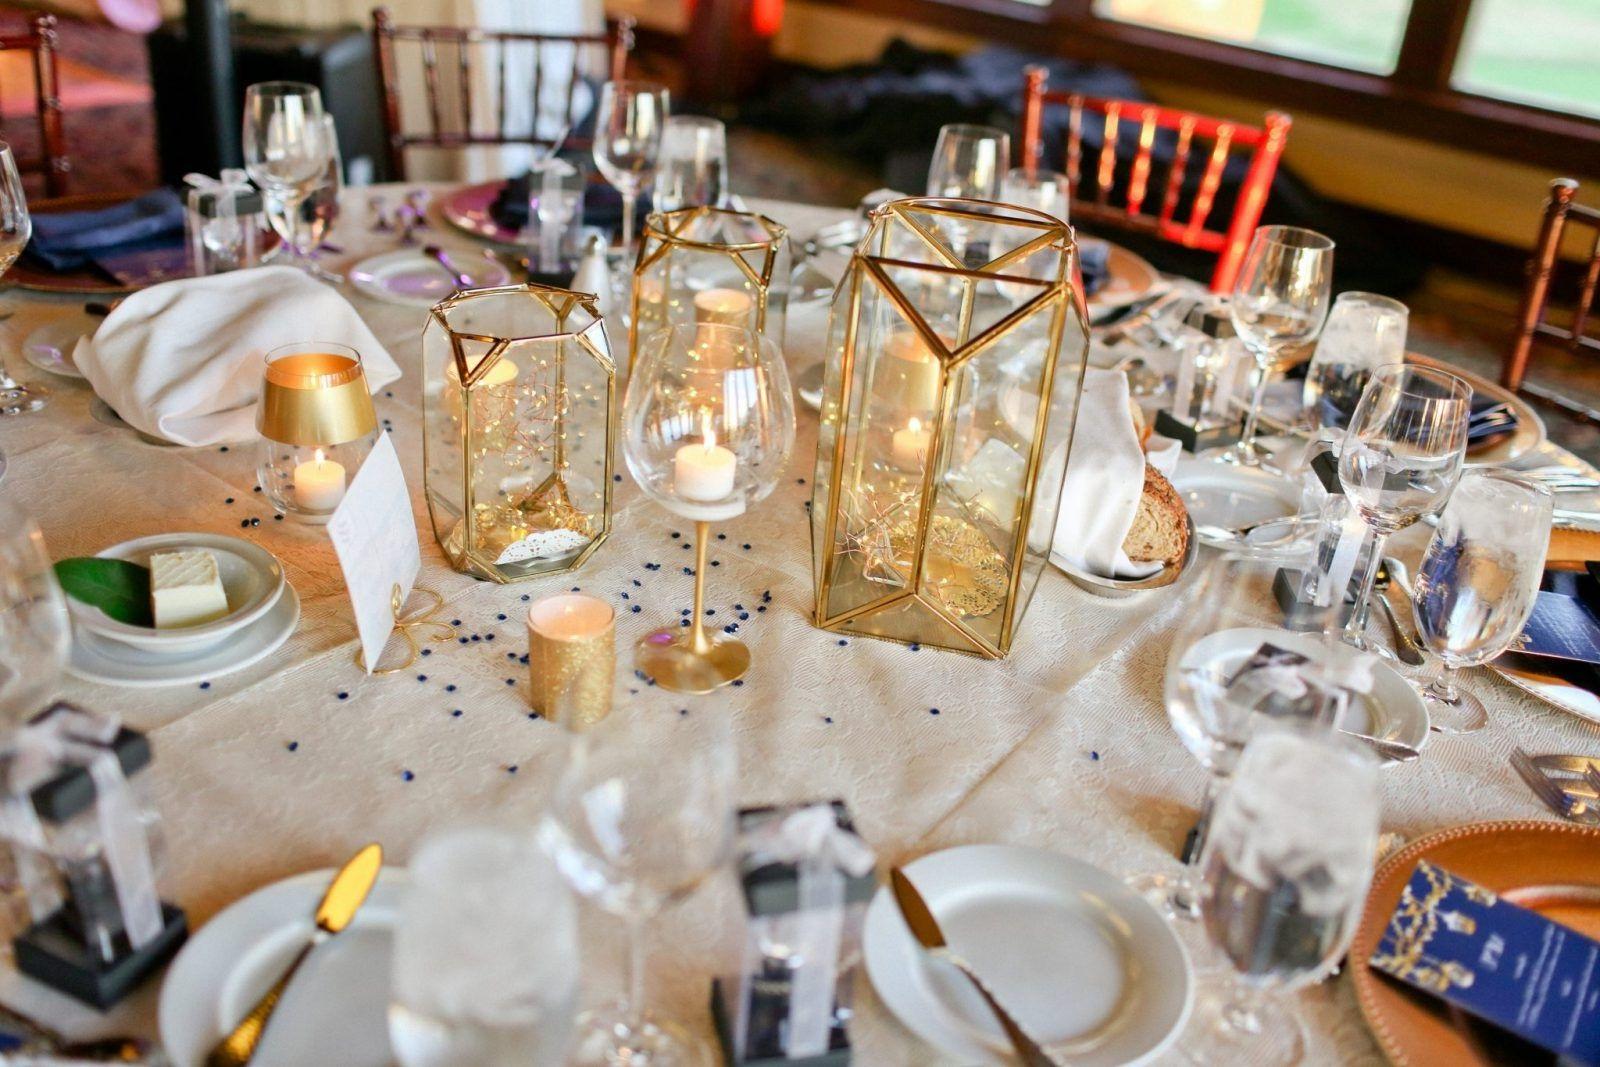 Déco avec verres à vin et bougies.